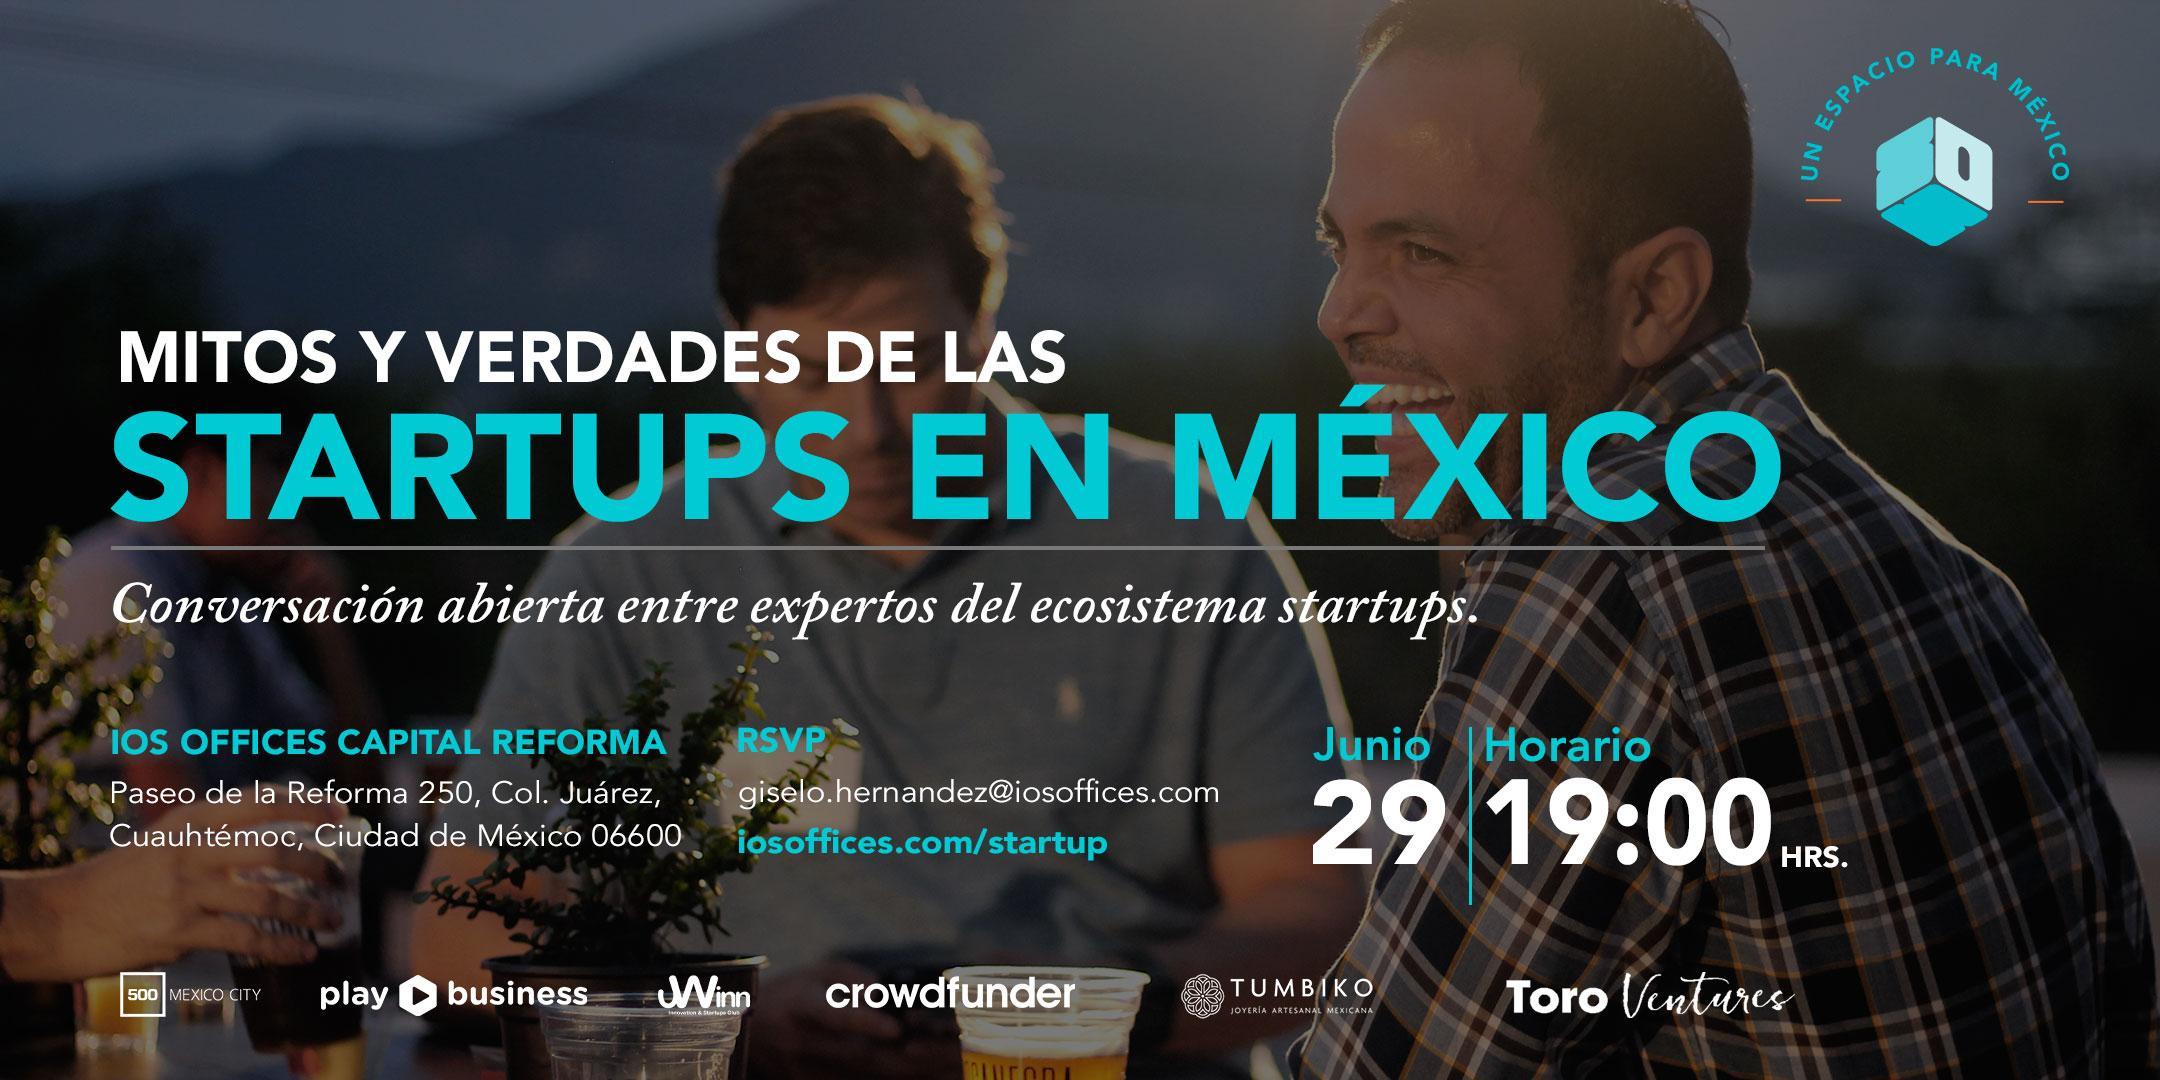 MITOS Y VERDADES DE LAS STARTUPS EN MÉXICO -